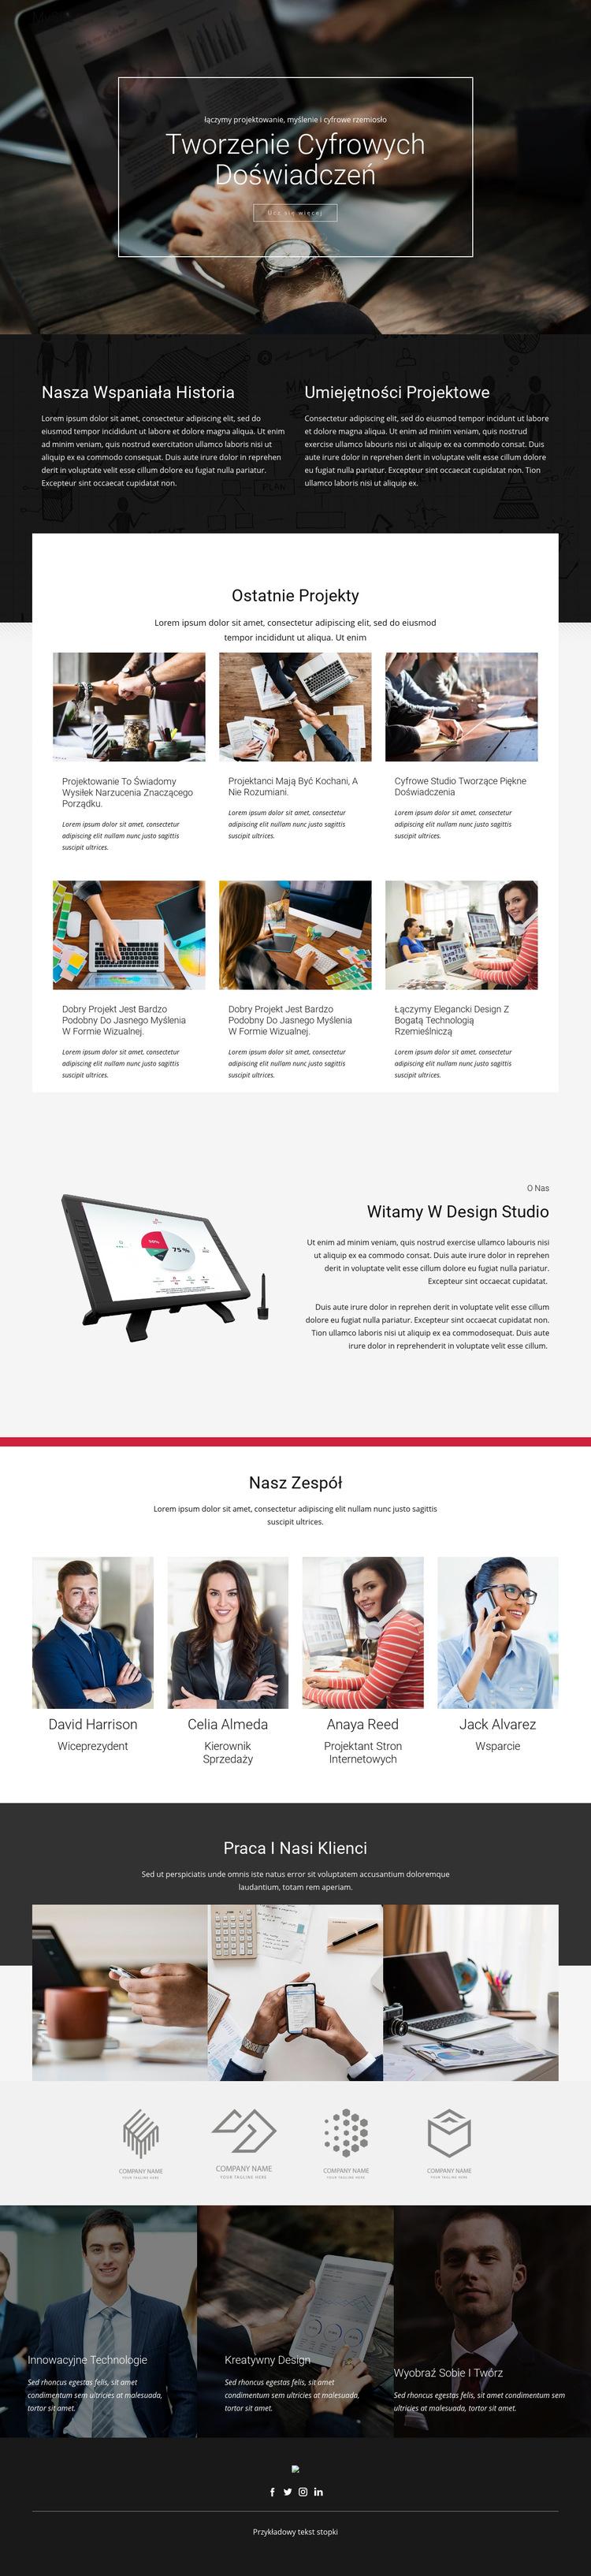 Crafting Digital Design Studio Szablon witryny sieci Web